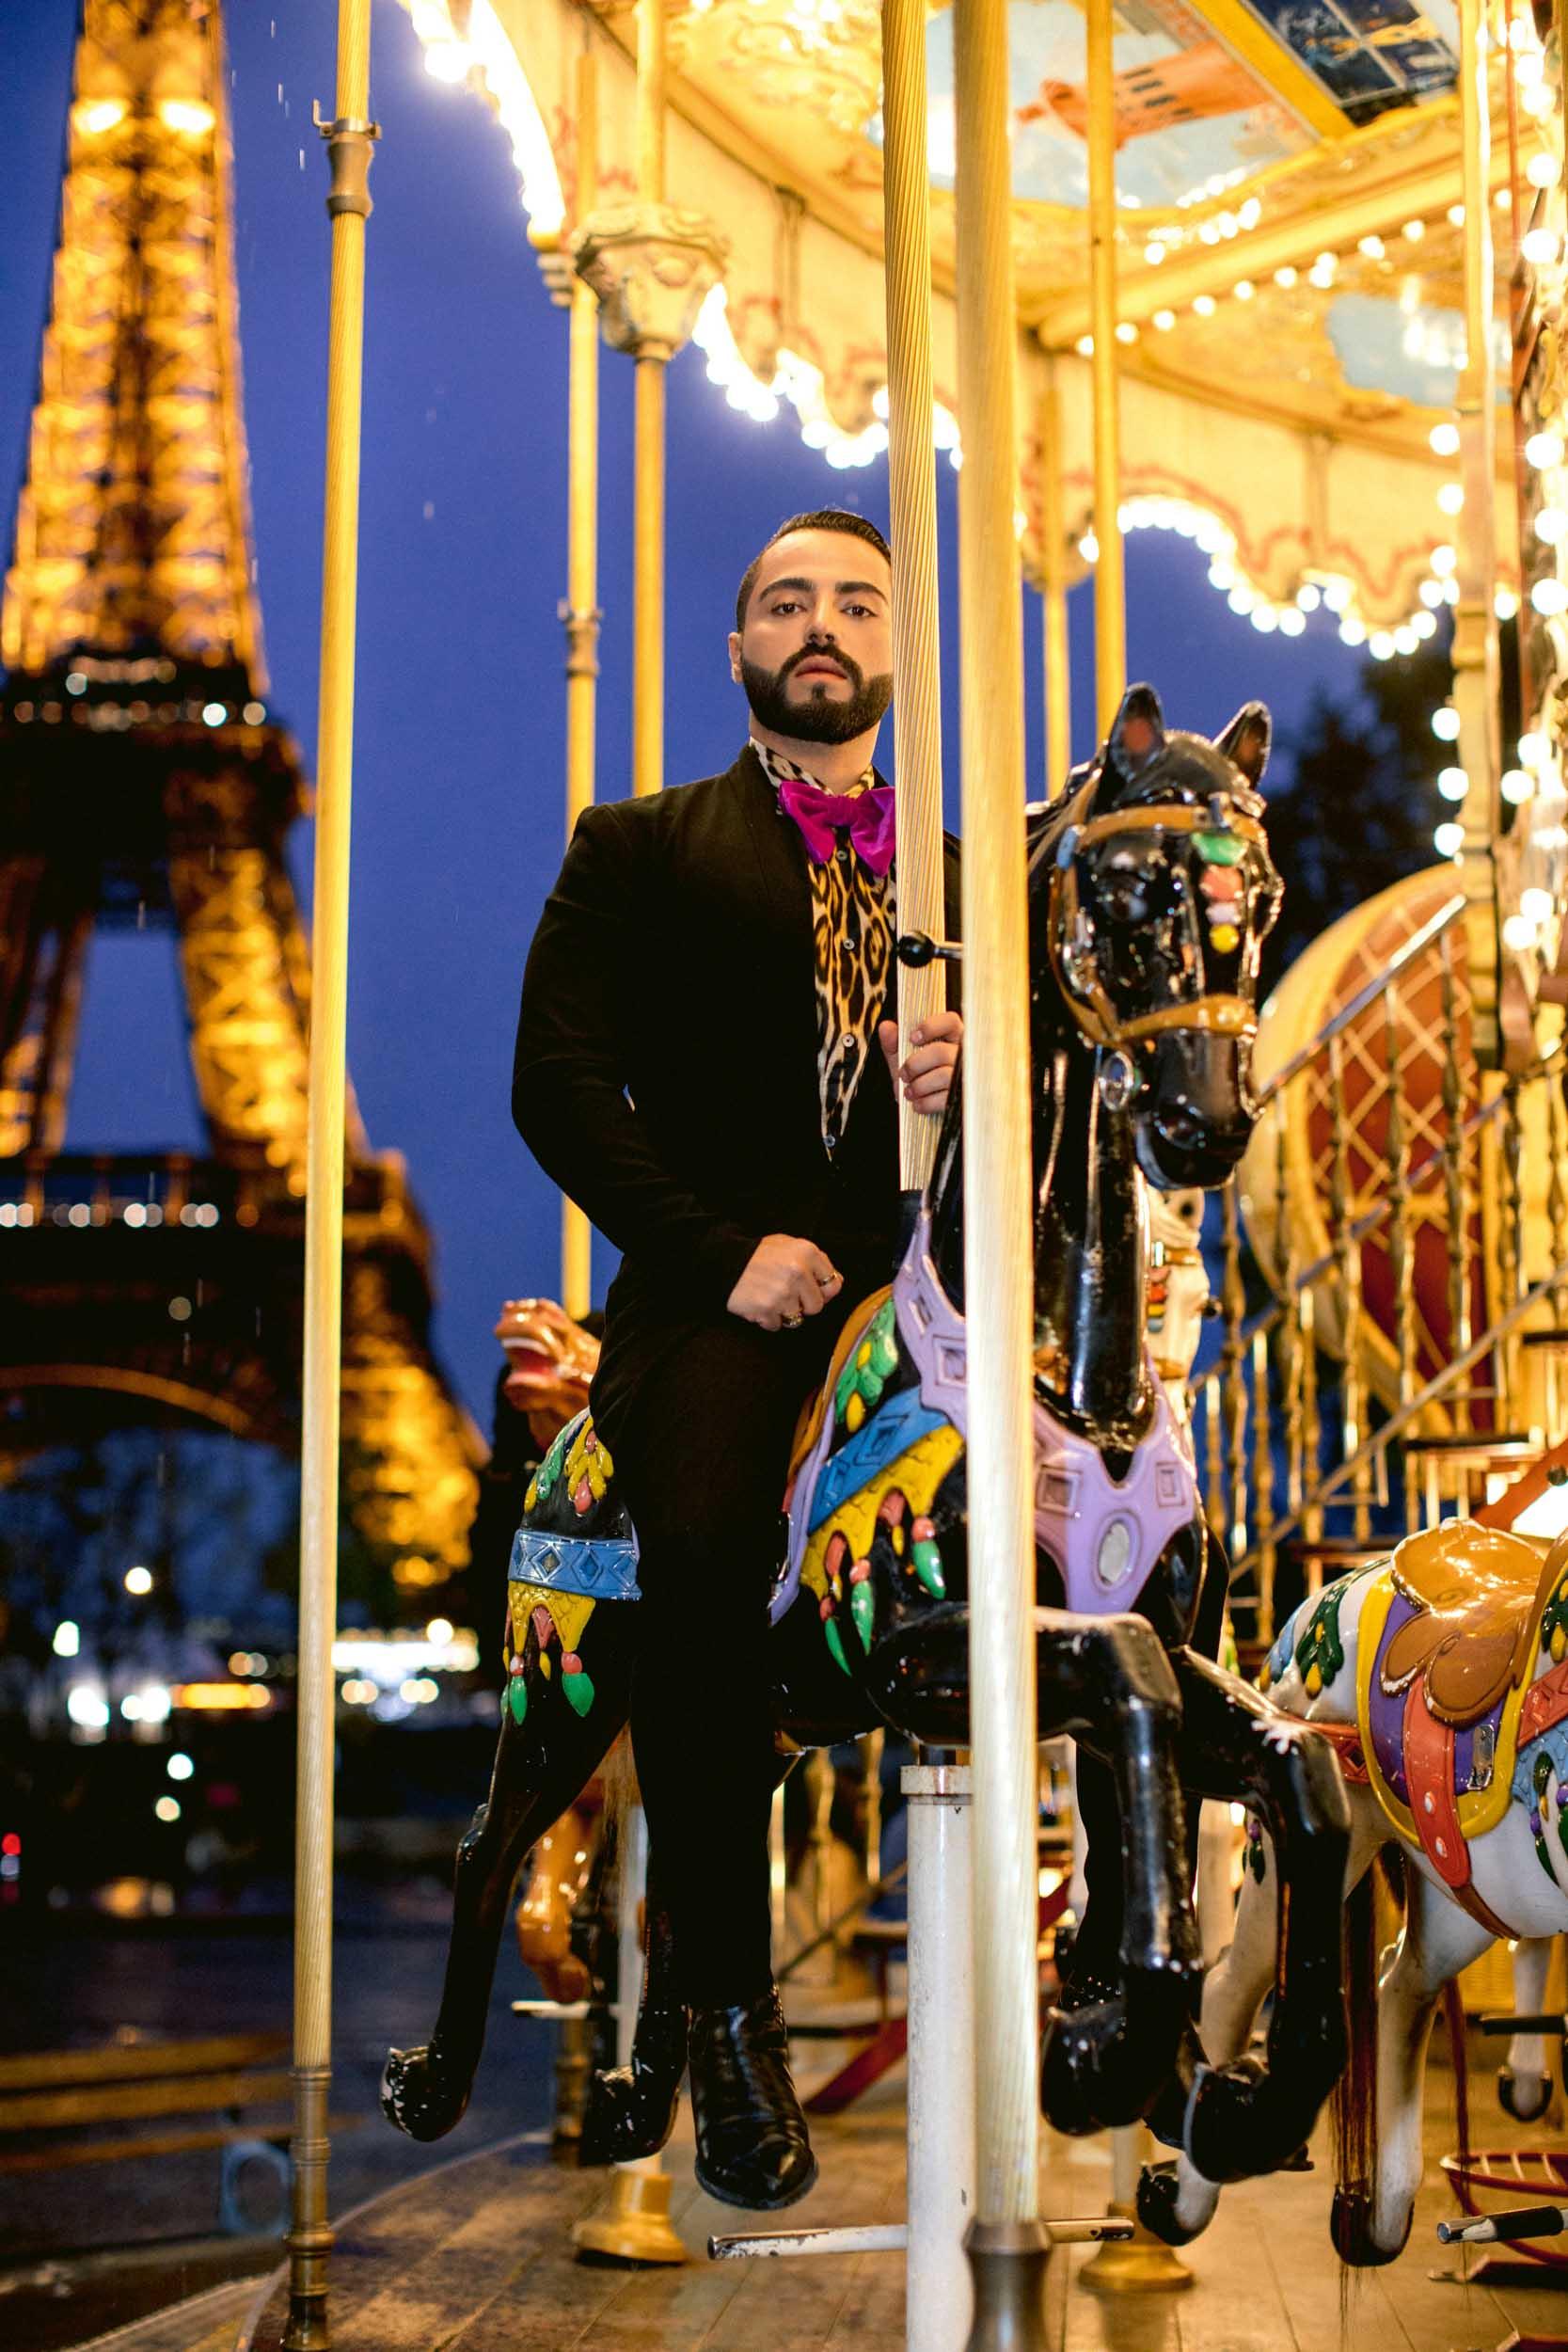 THE ROYALS PARIS